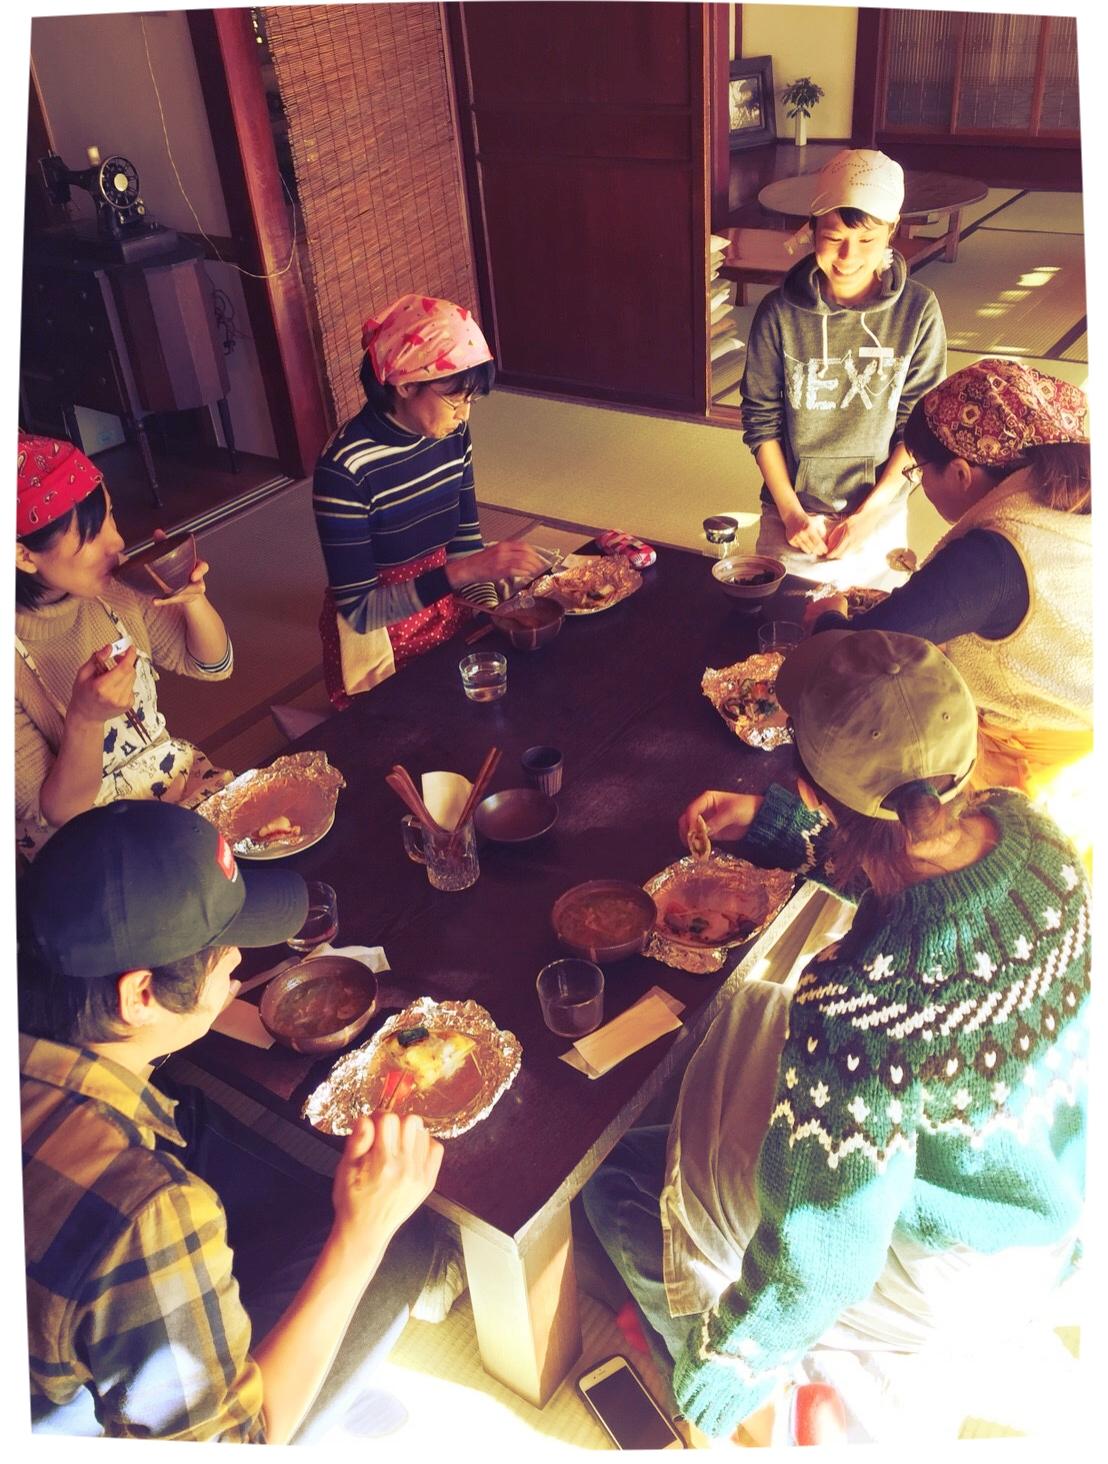 手作りのピザを頬張りながら、みんなで食卓を囲む、ゆったりとした時間。